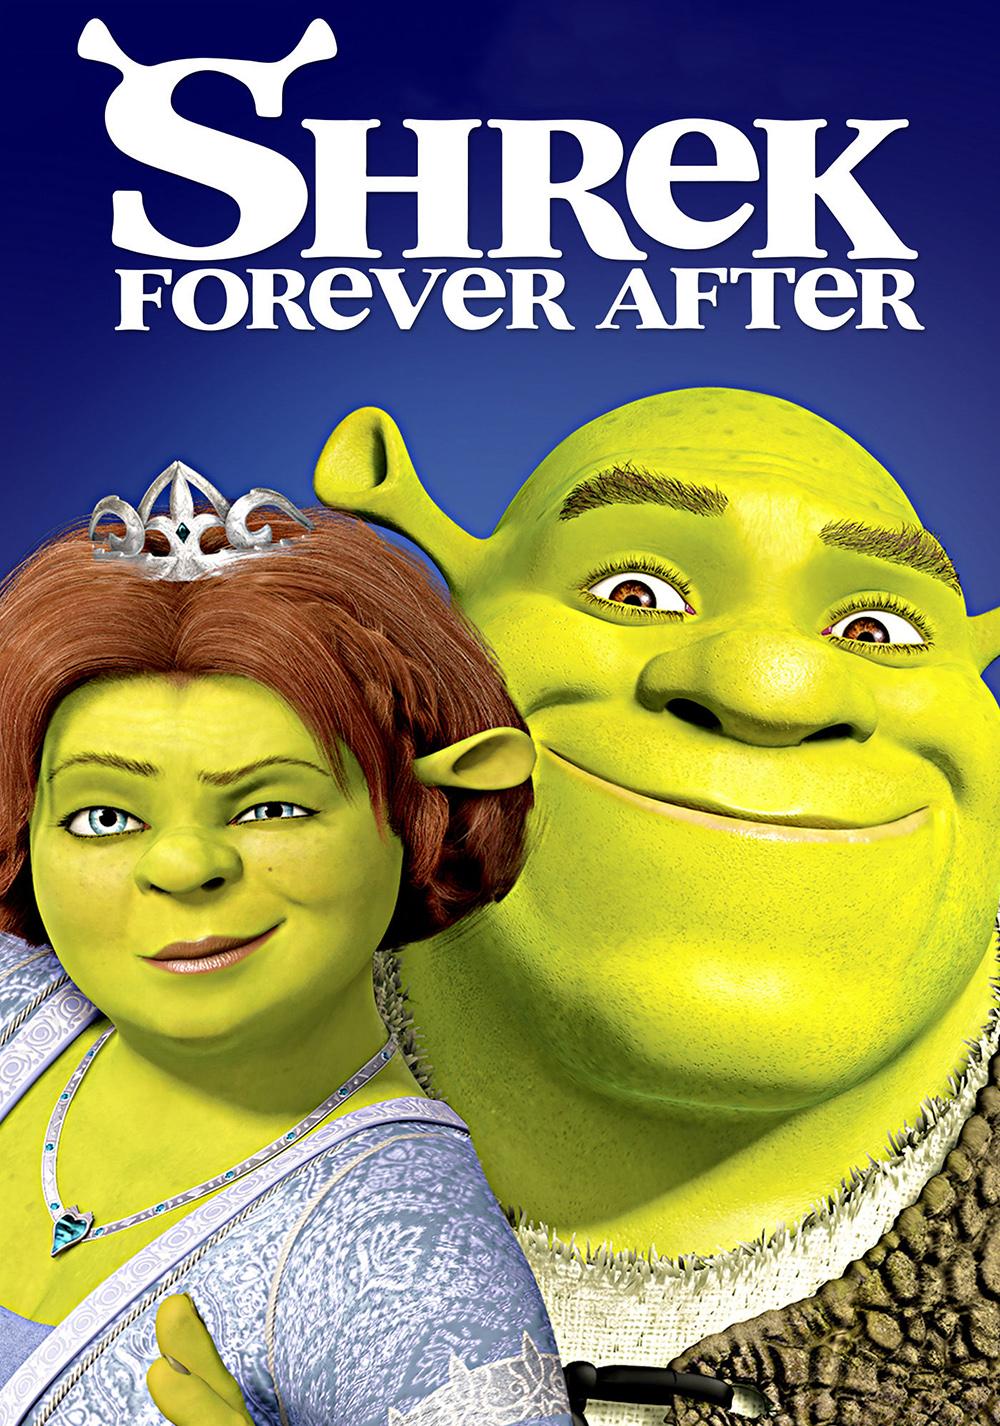 shrek forever after movie fanart fanarttv